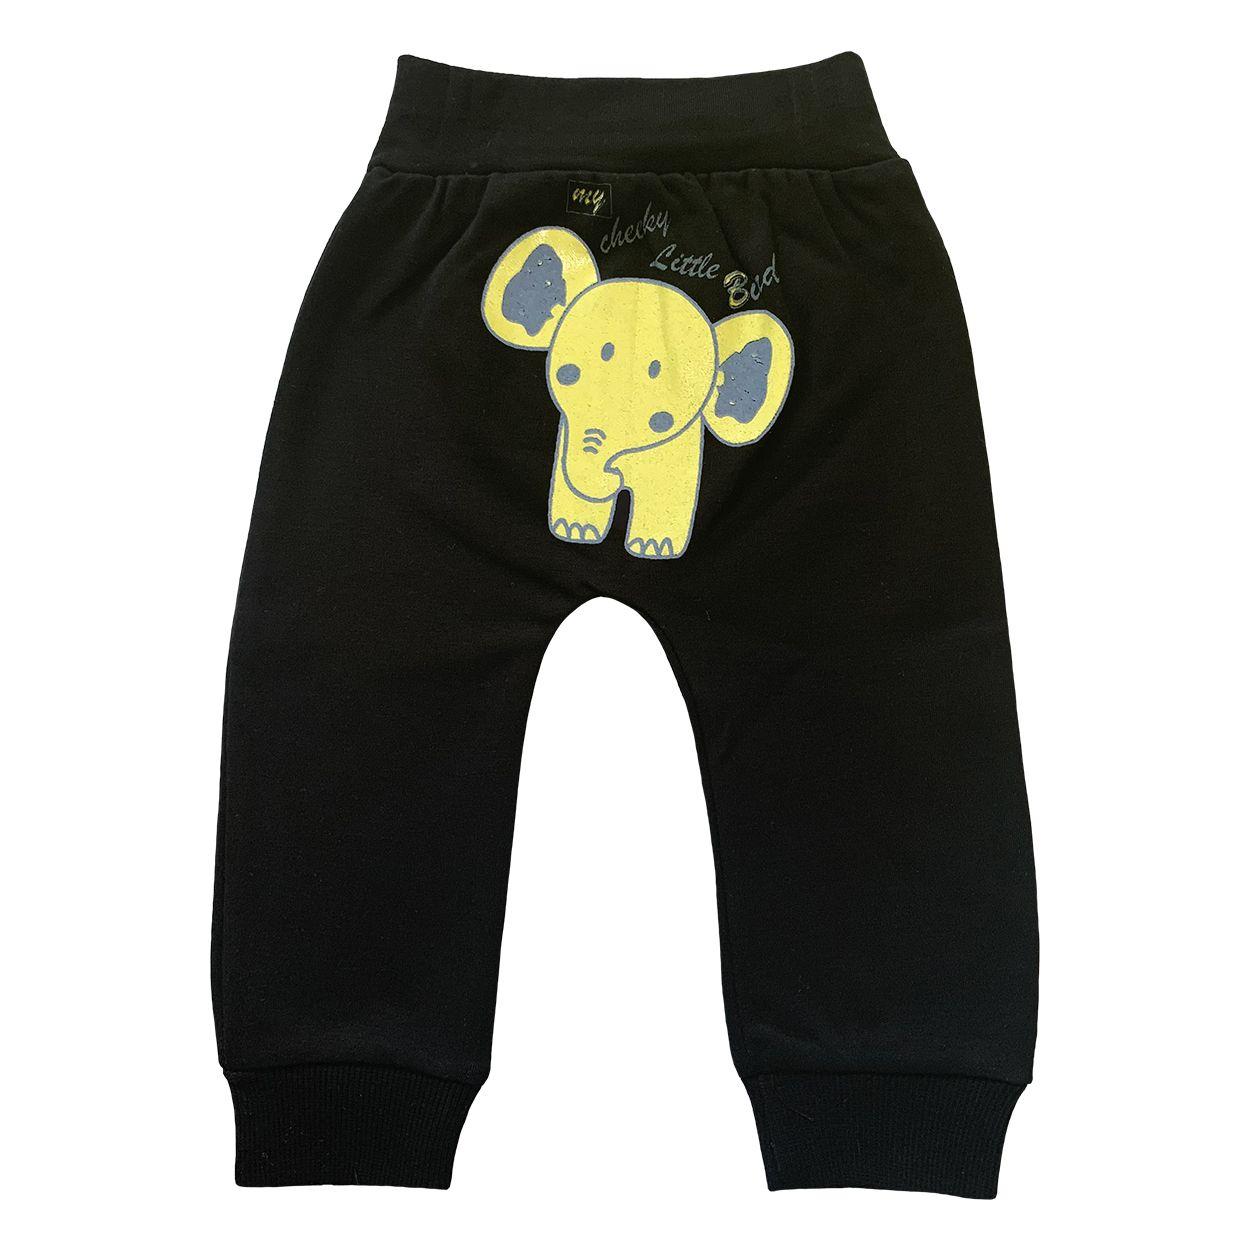 ست تی شرت و شلوار نوزادی طرح فیل کد FF-085  -  - 4